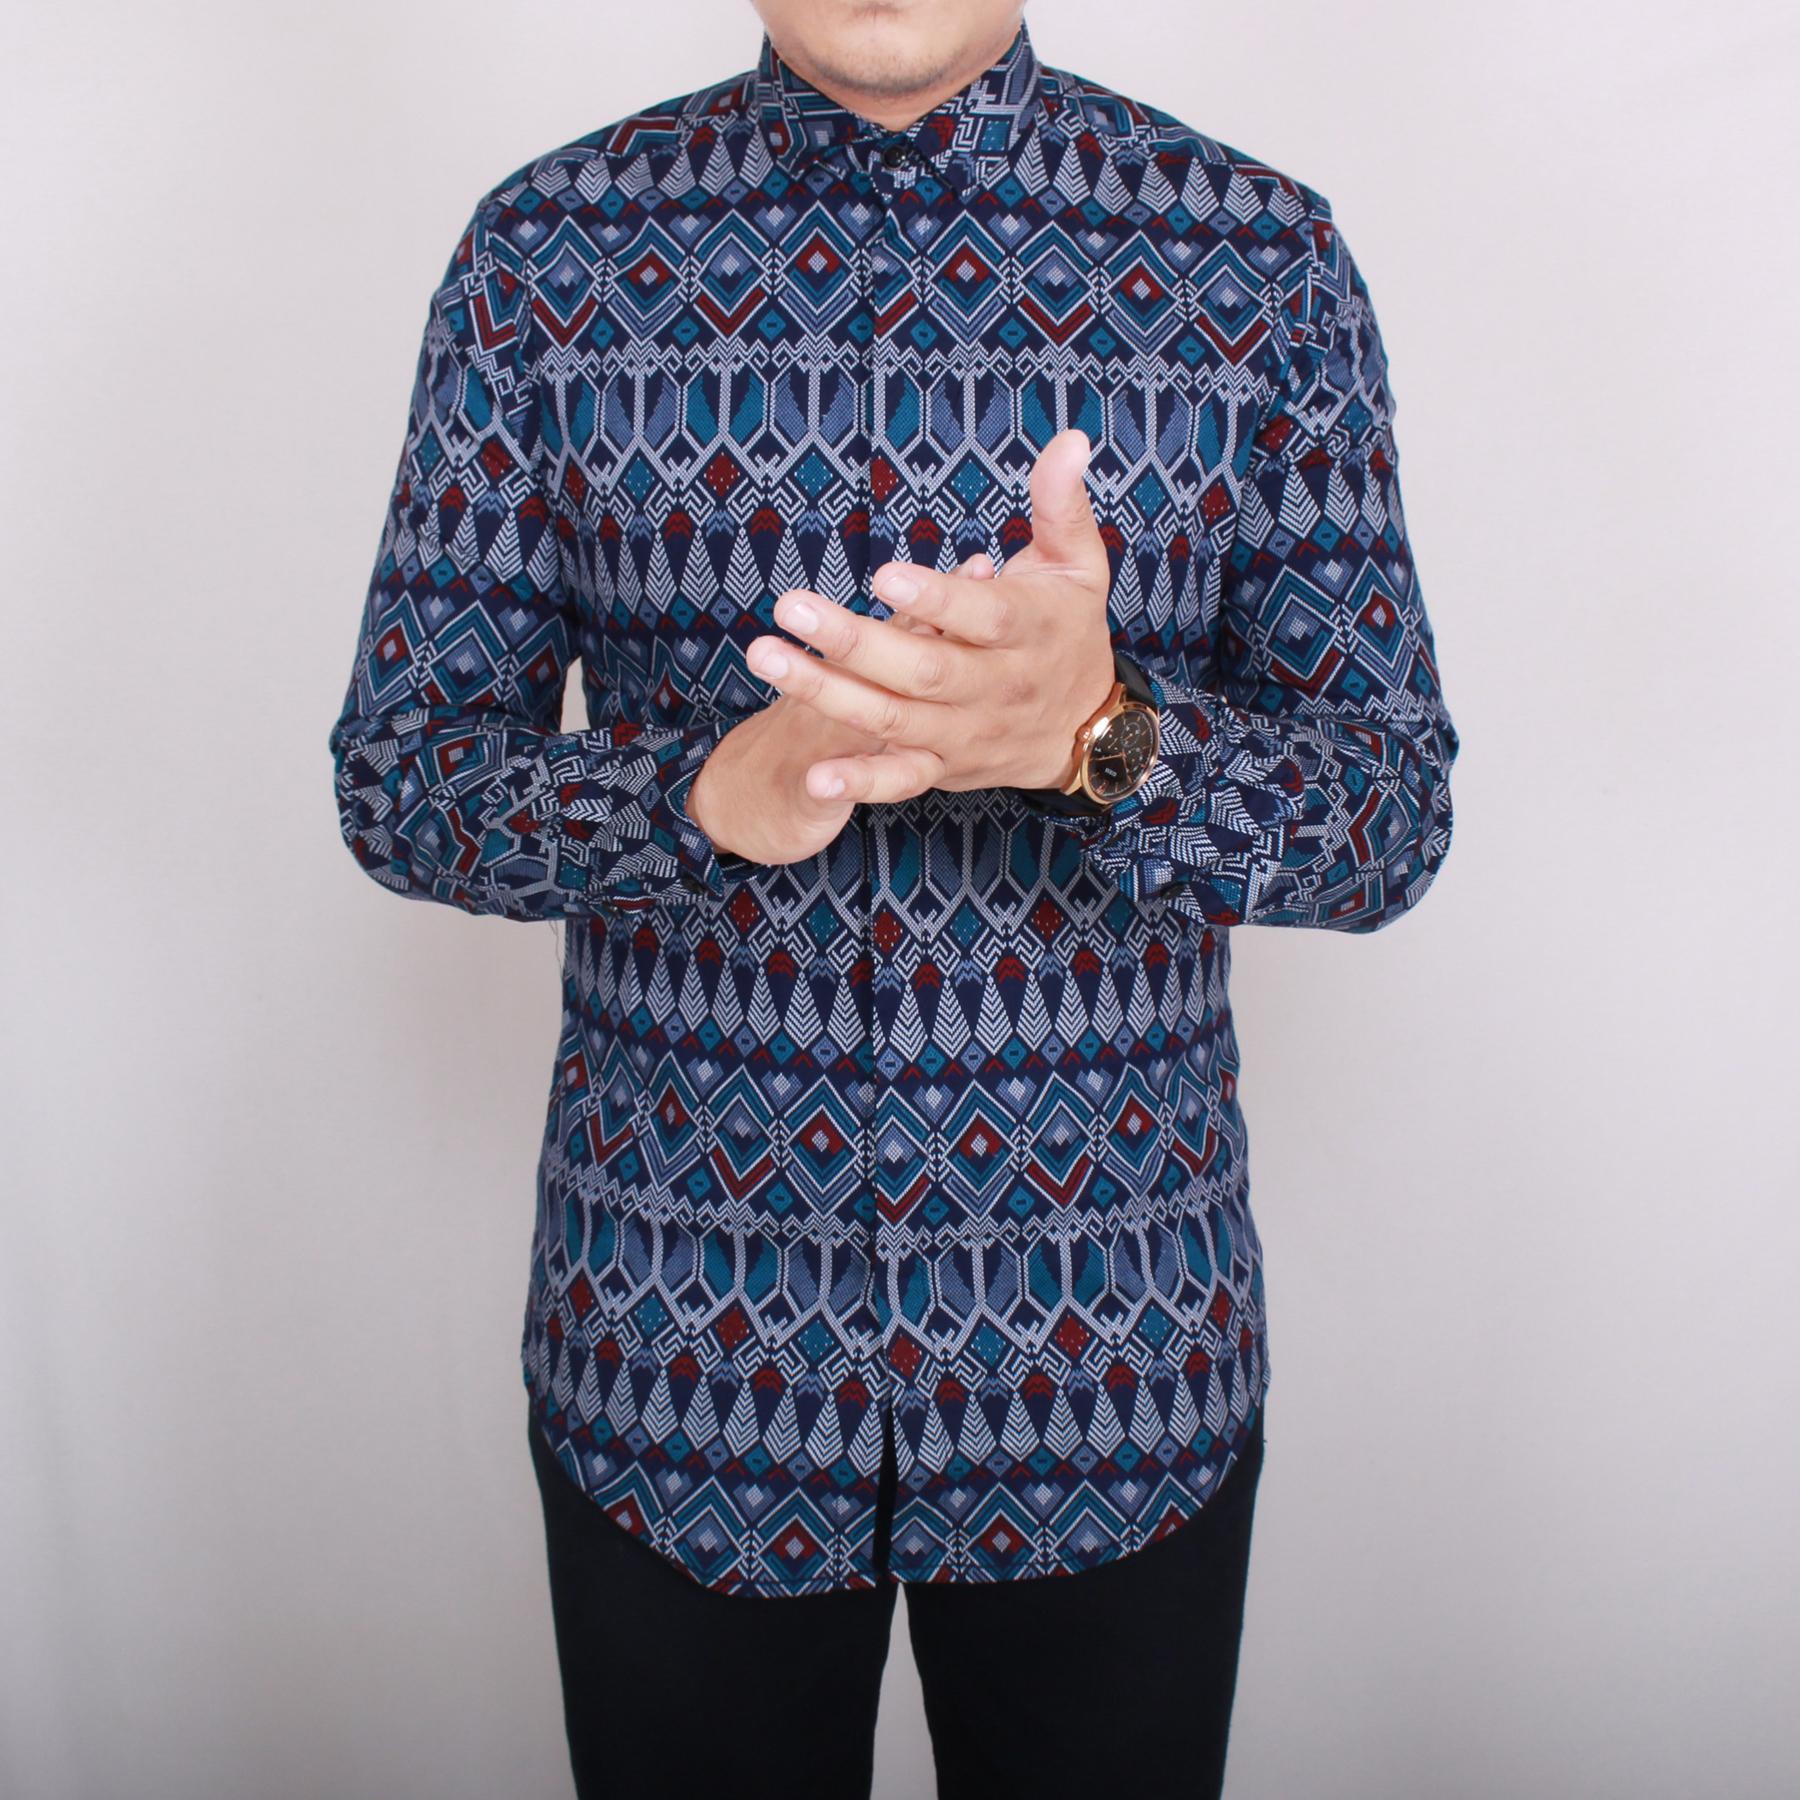 Girino.inc 6204 Kemeja Batik Pria Lengan Panjang Exclusive Kemeja Batik Songket Cowok Kemeja Batik Formal